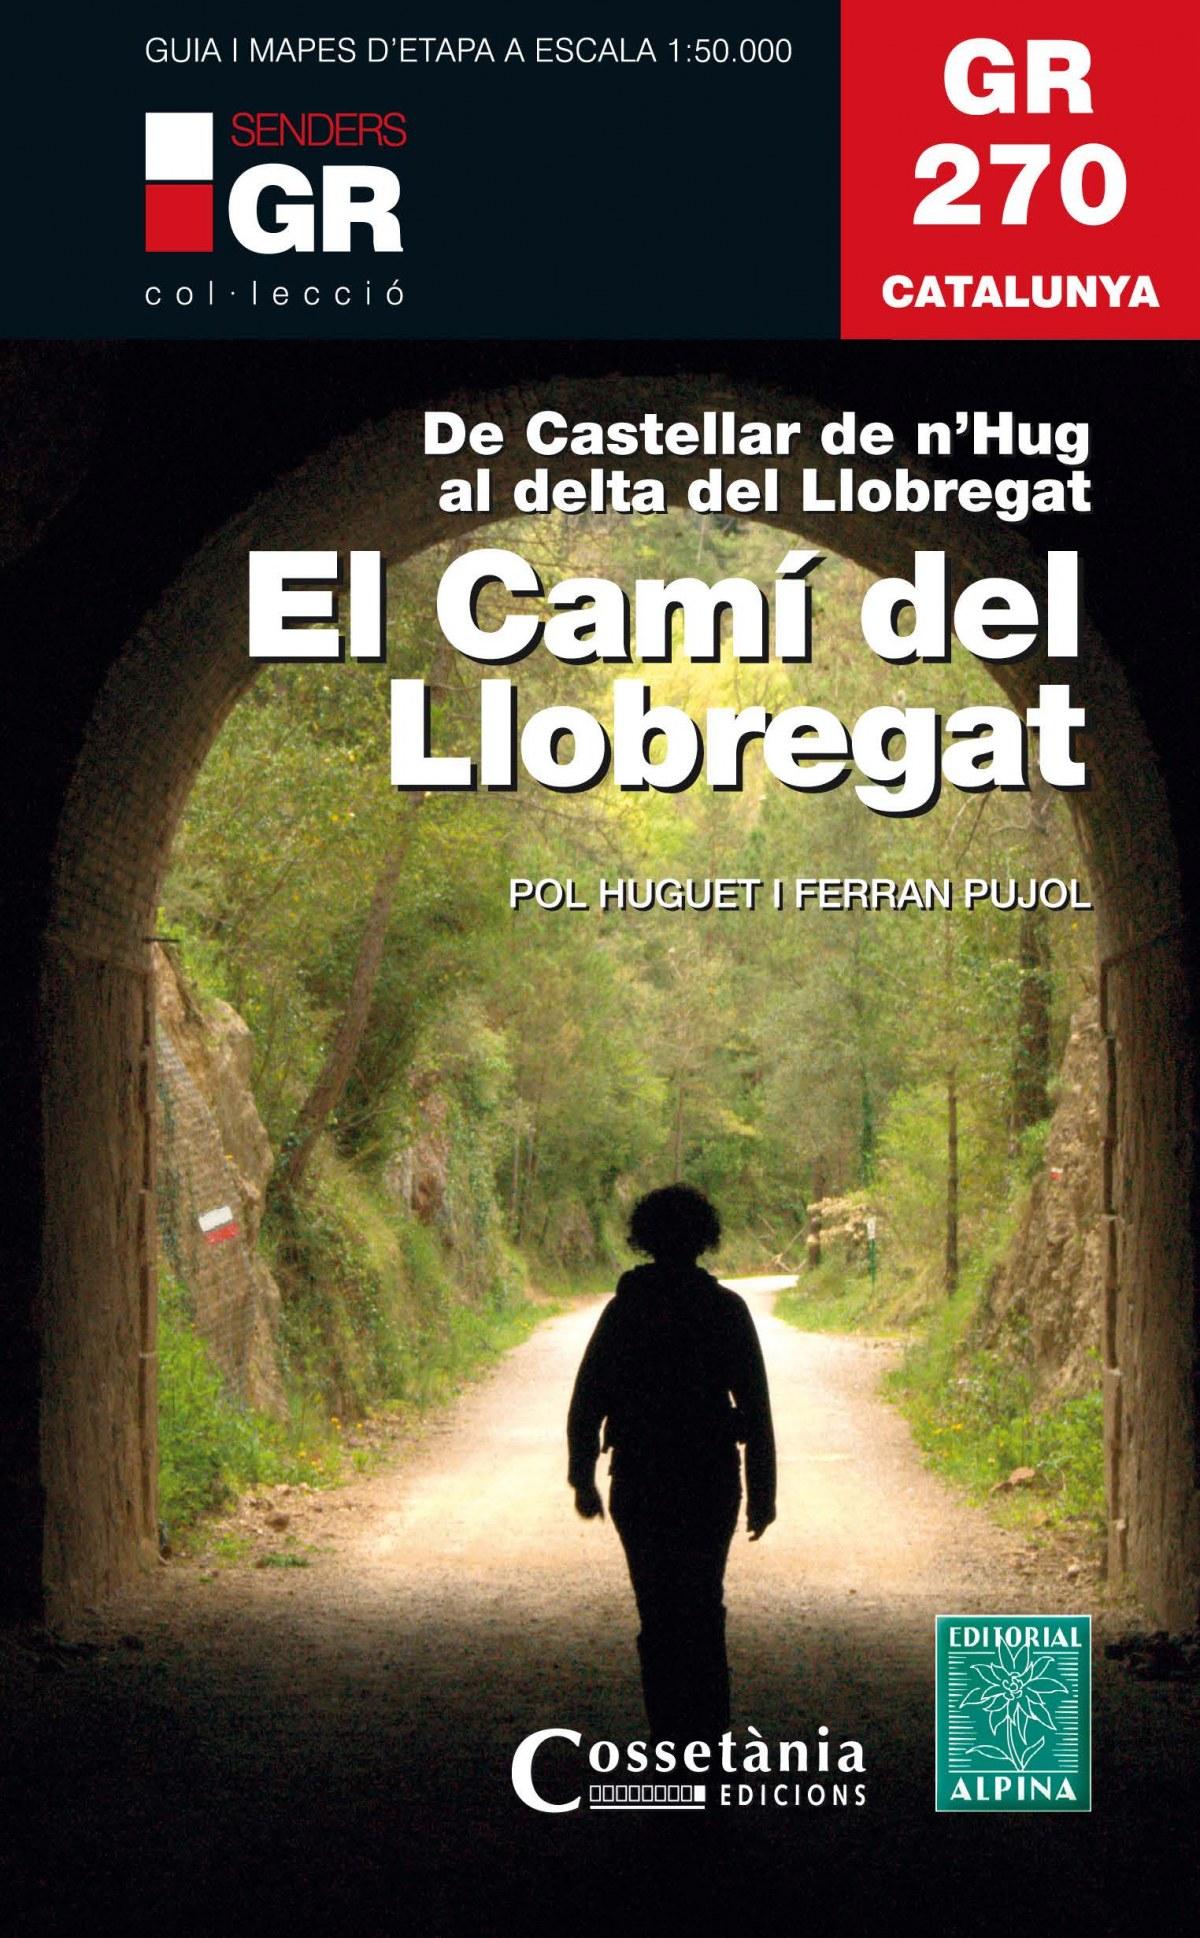 EL CAMÍ DEL LLOBREGAT. GR 270 CATALUNYA